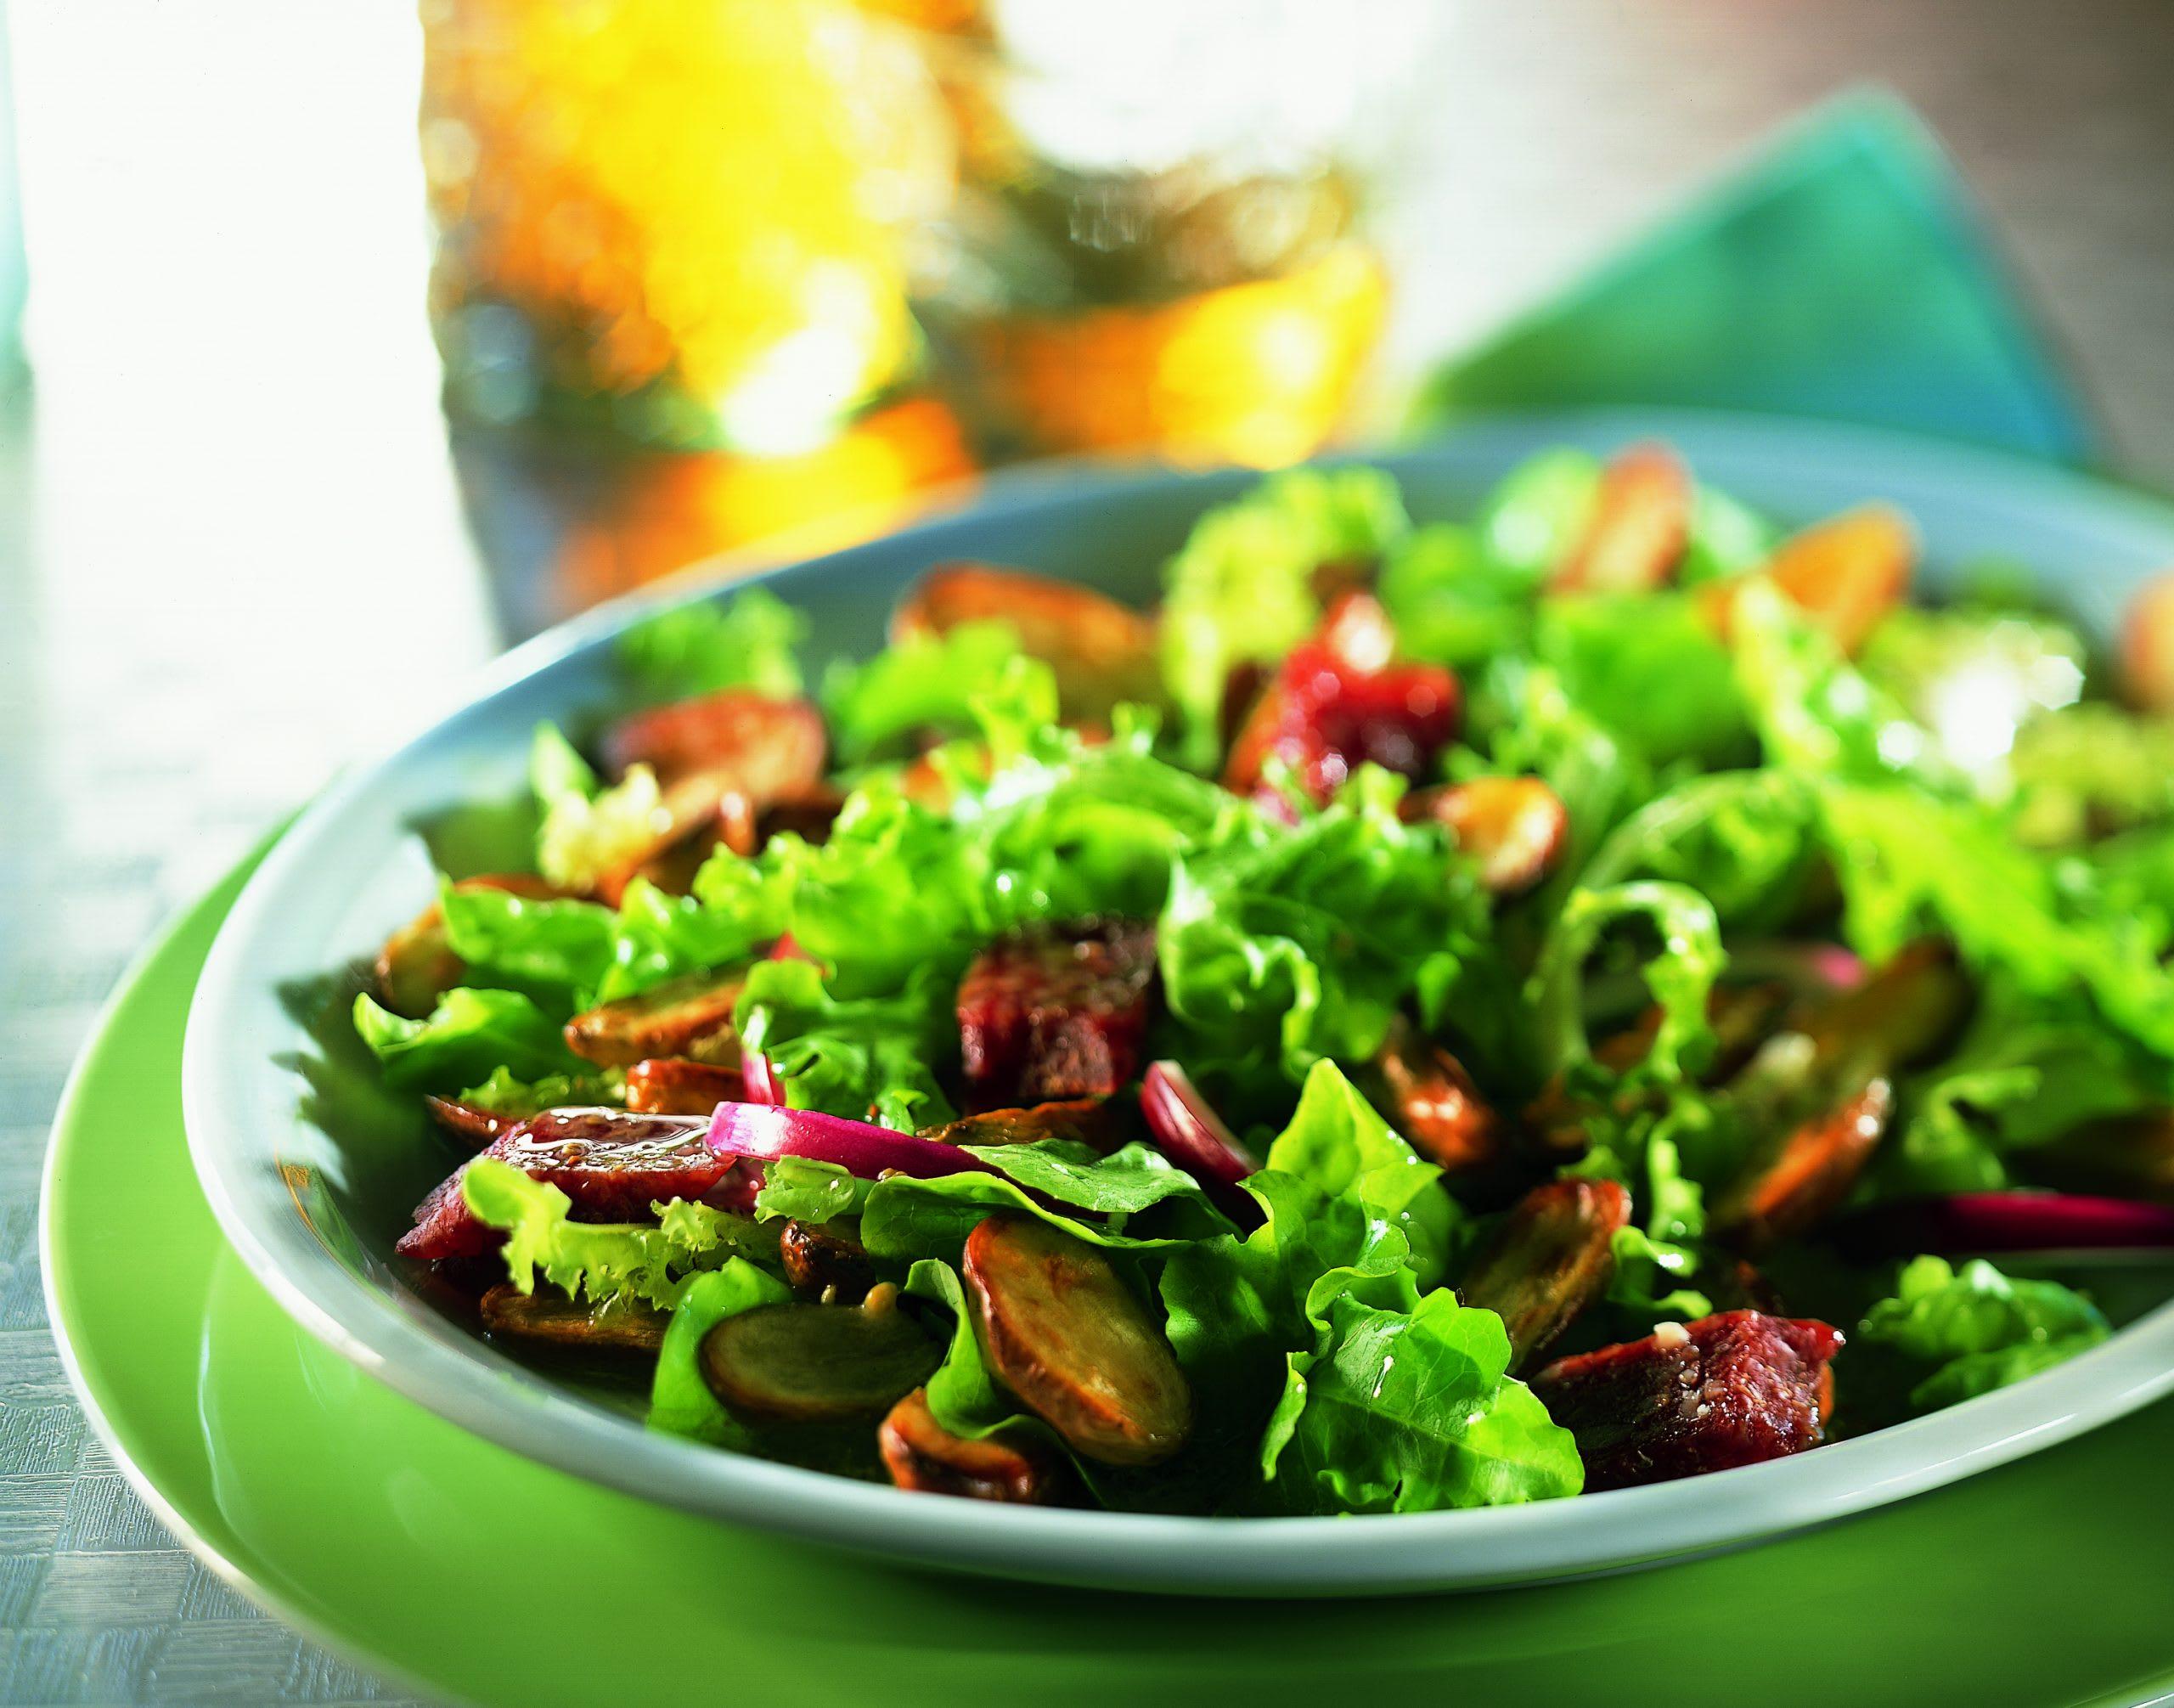 Lauwarmer grüner Salat mit Blechkartoffeln